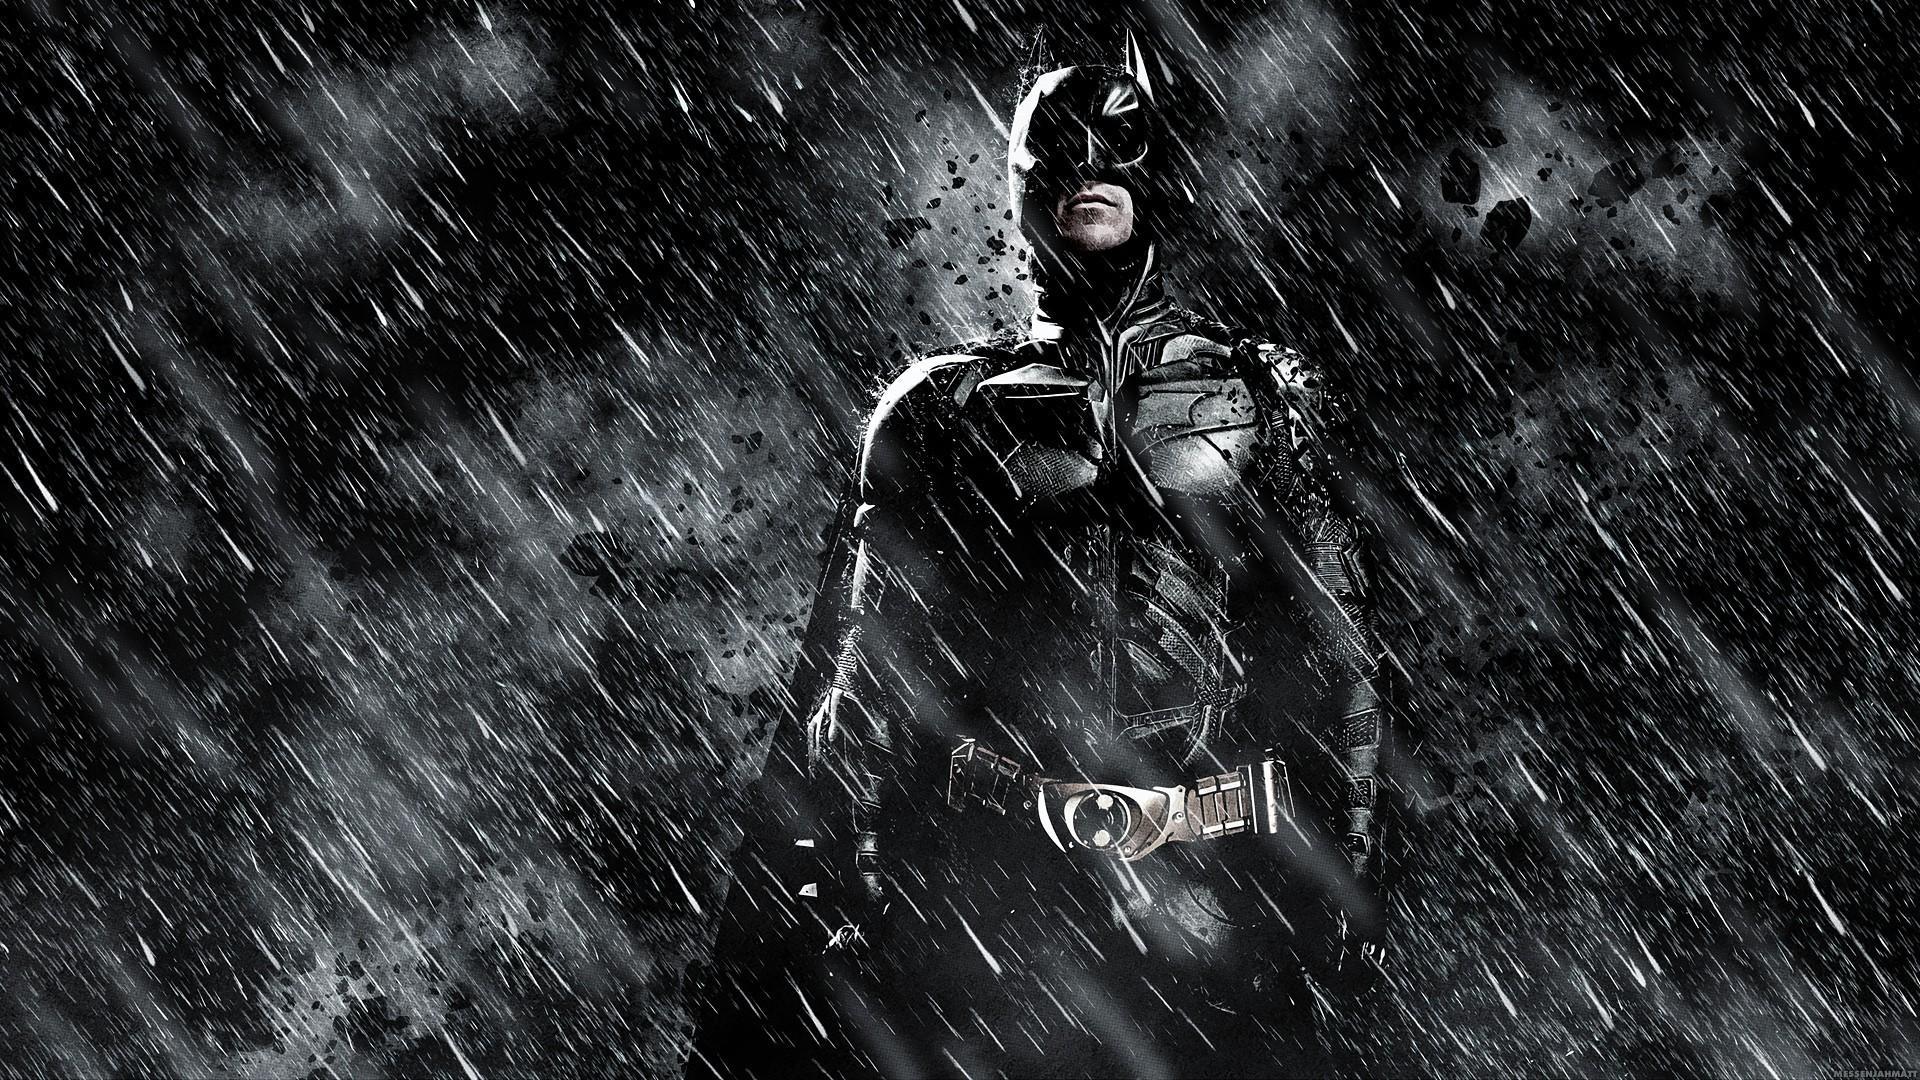 batman movies the dark knight rises wallpaper | (102489)